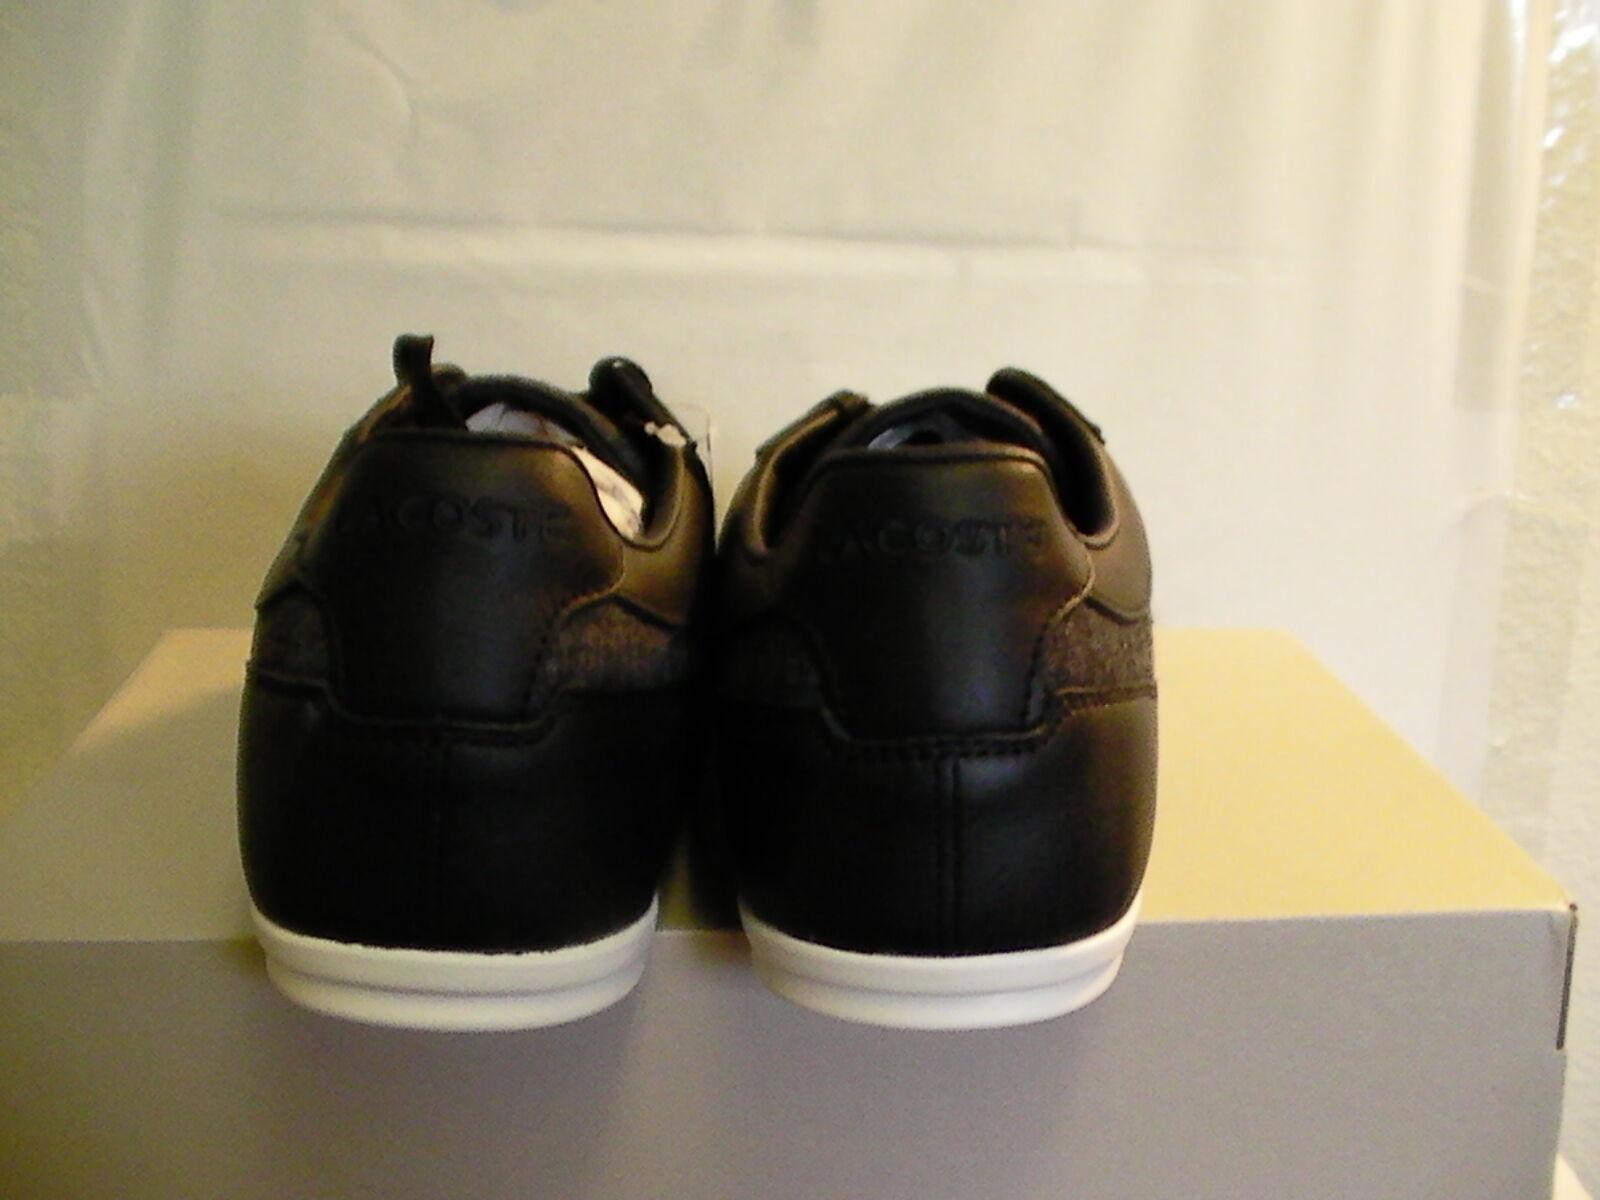 Lacoste Scarpe da Uomo Casual Alissos Alissos Alissos 13 Spm Nero Tessuto pelle Taglia 11 USA | Buona qualità  | Scolaro/Ragazze Scarpa  c5b188